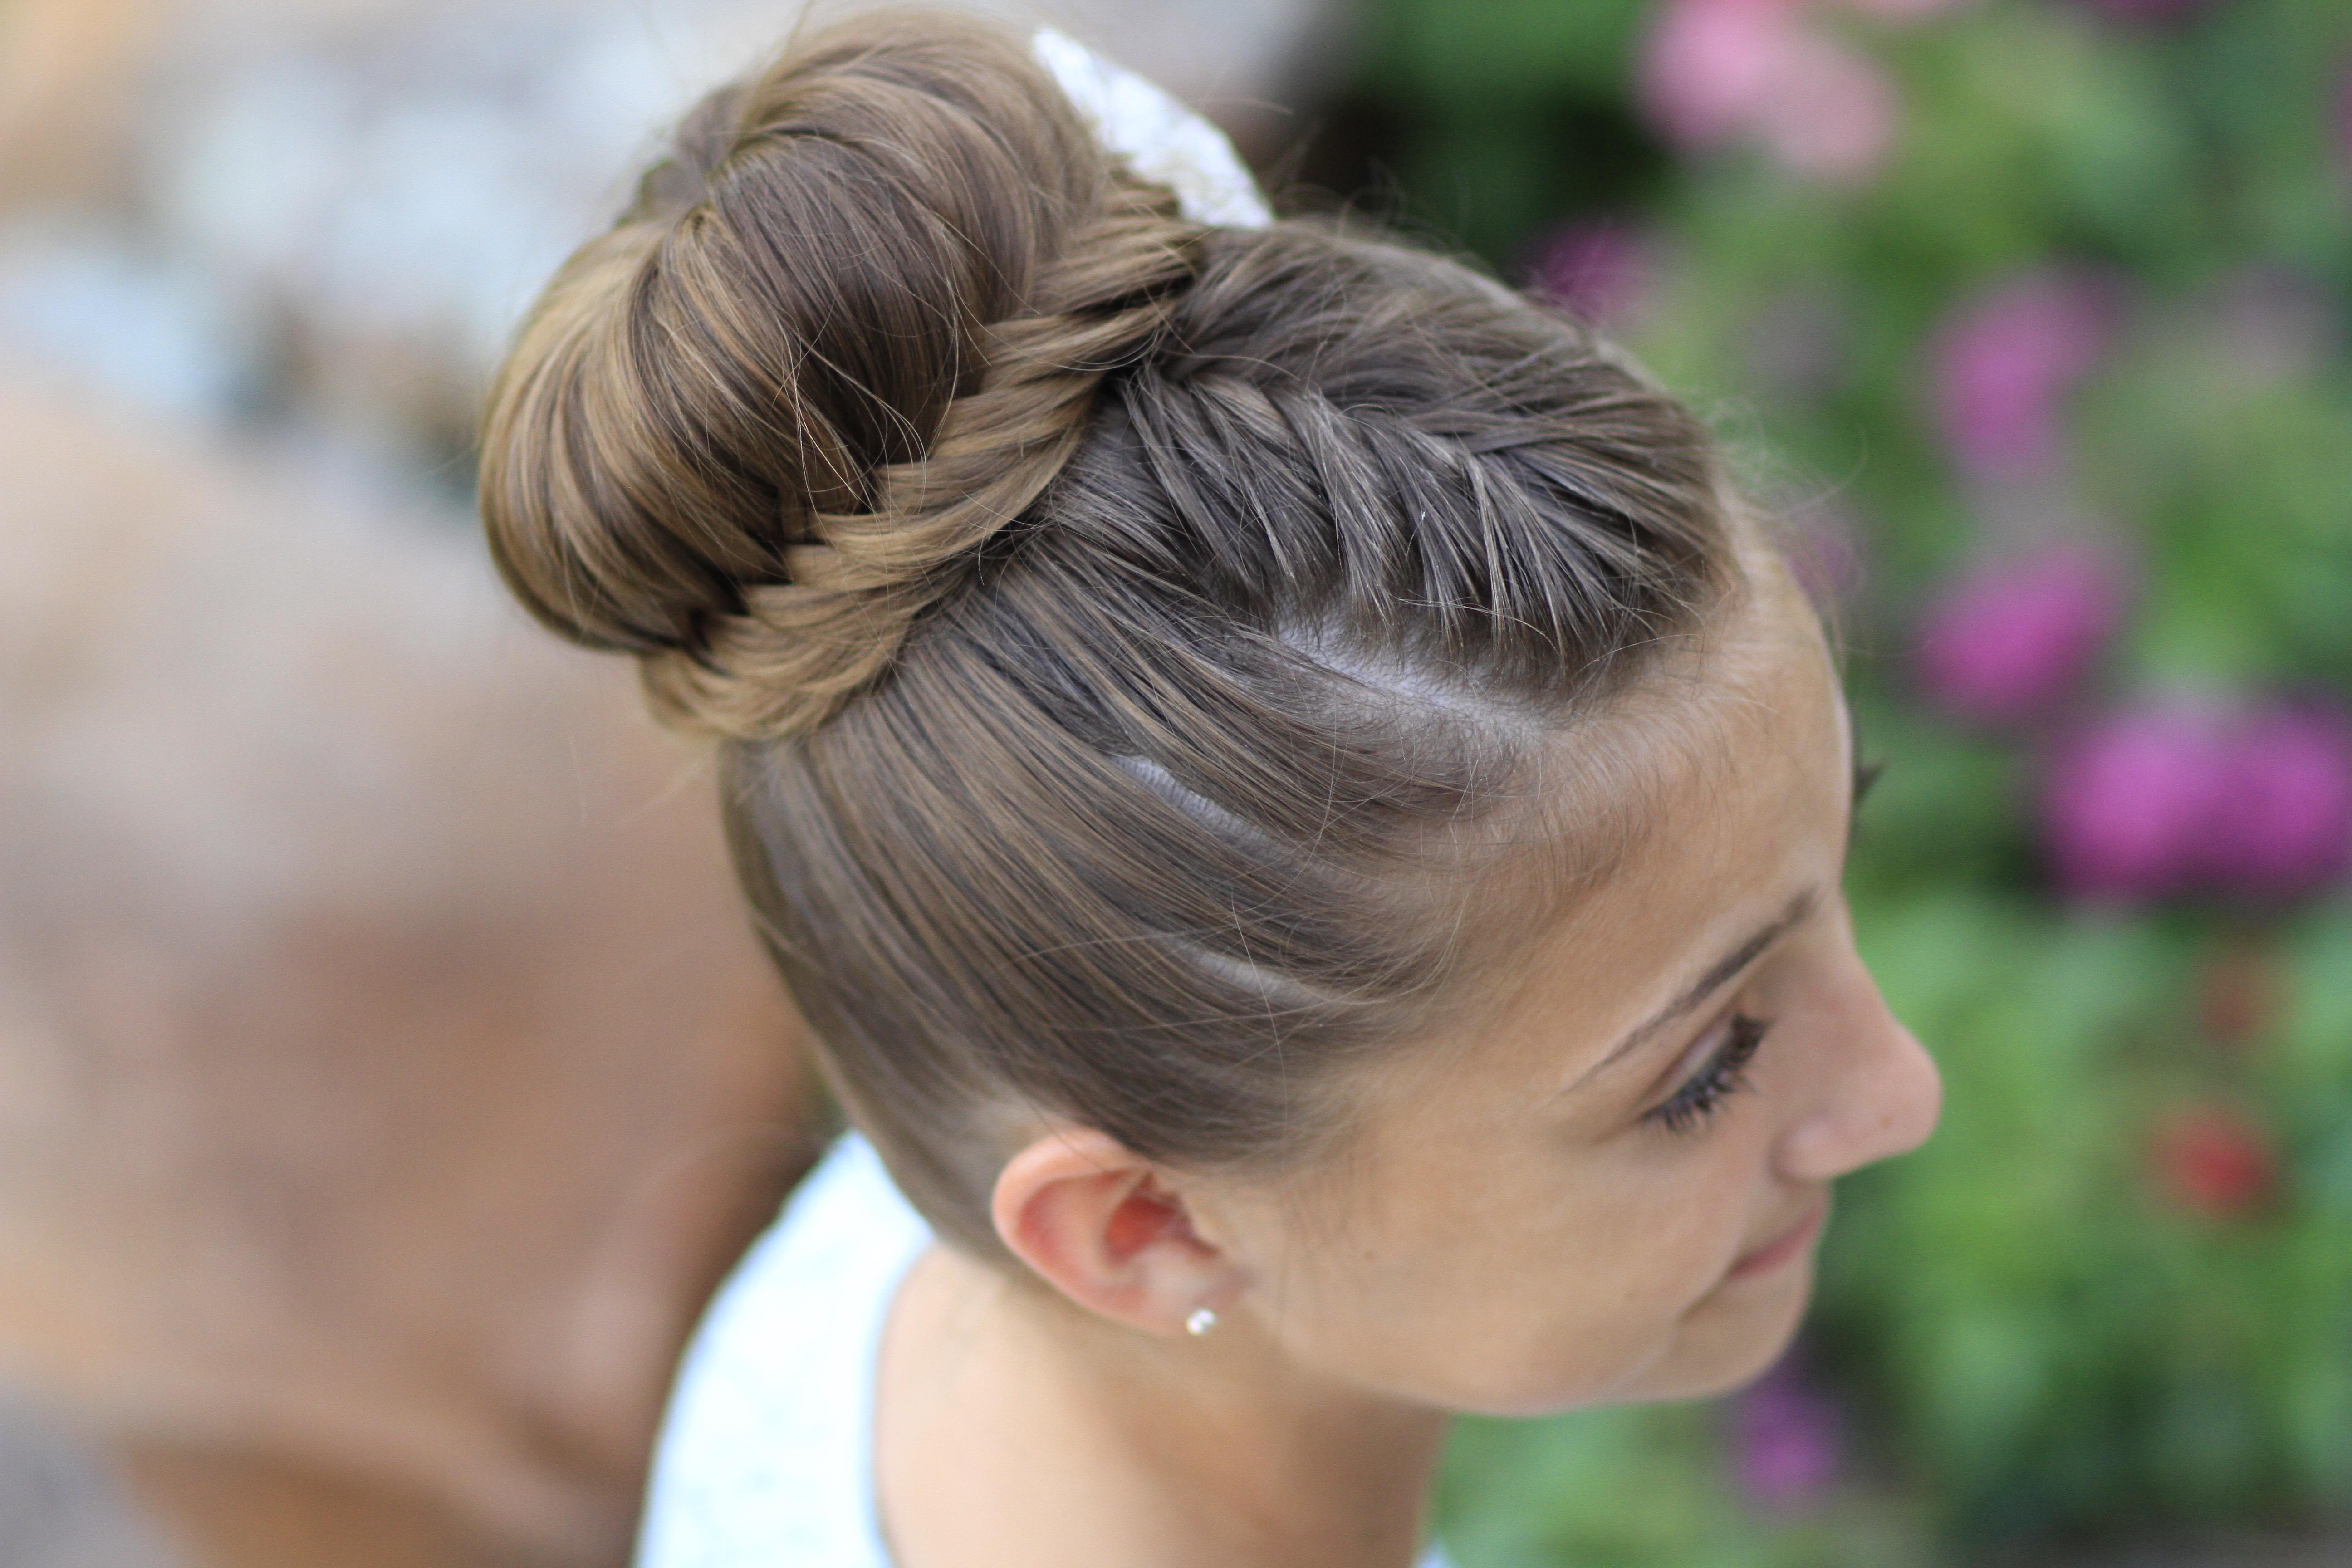 Bun Hair Style: How To Create A Lace Fishtail Bun